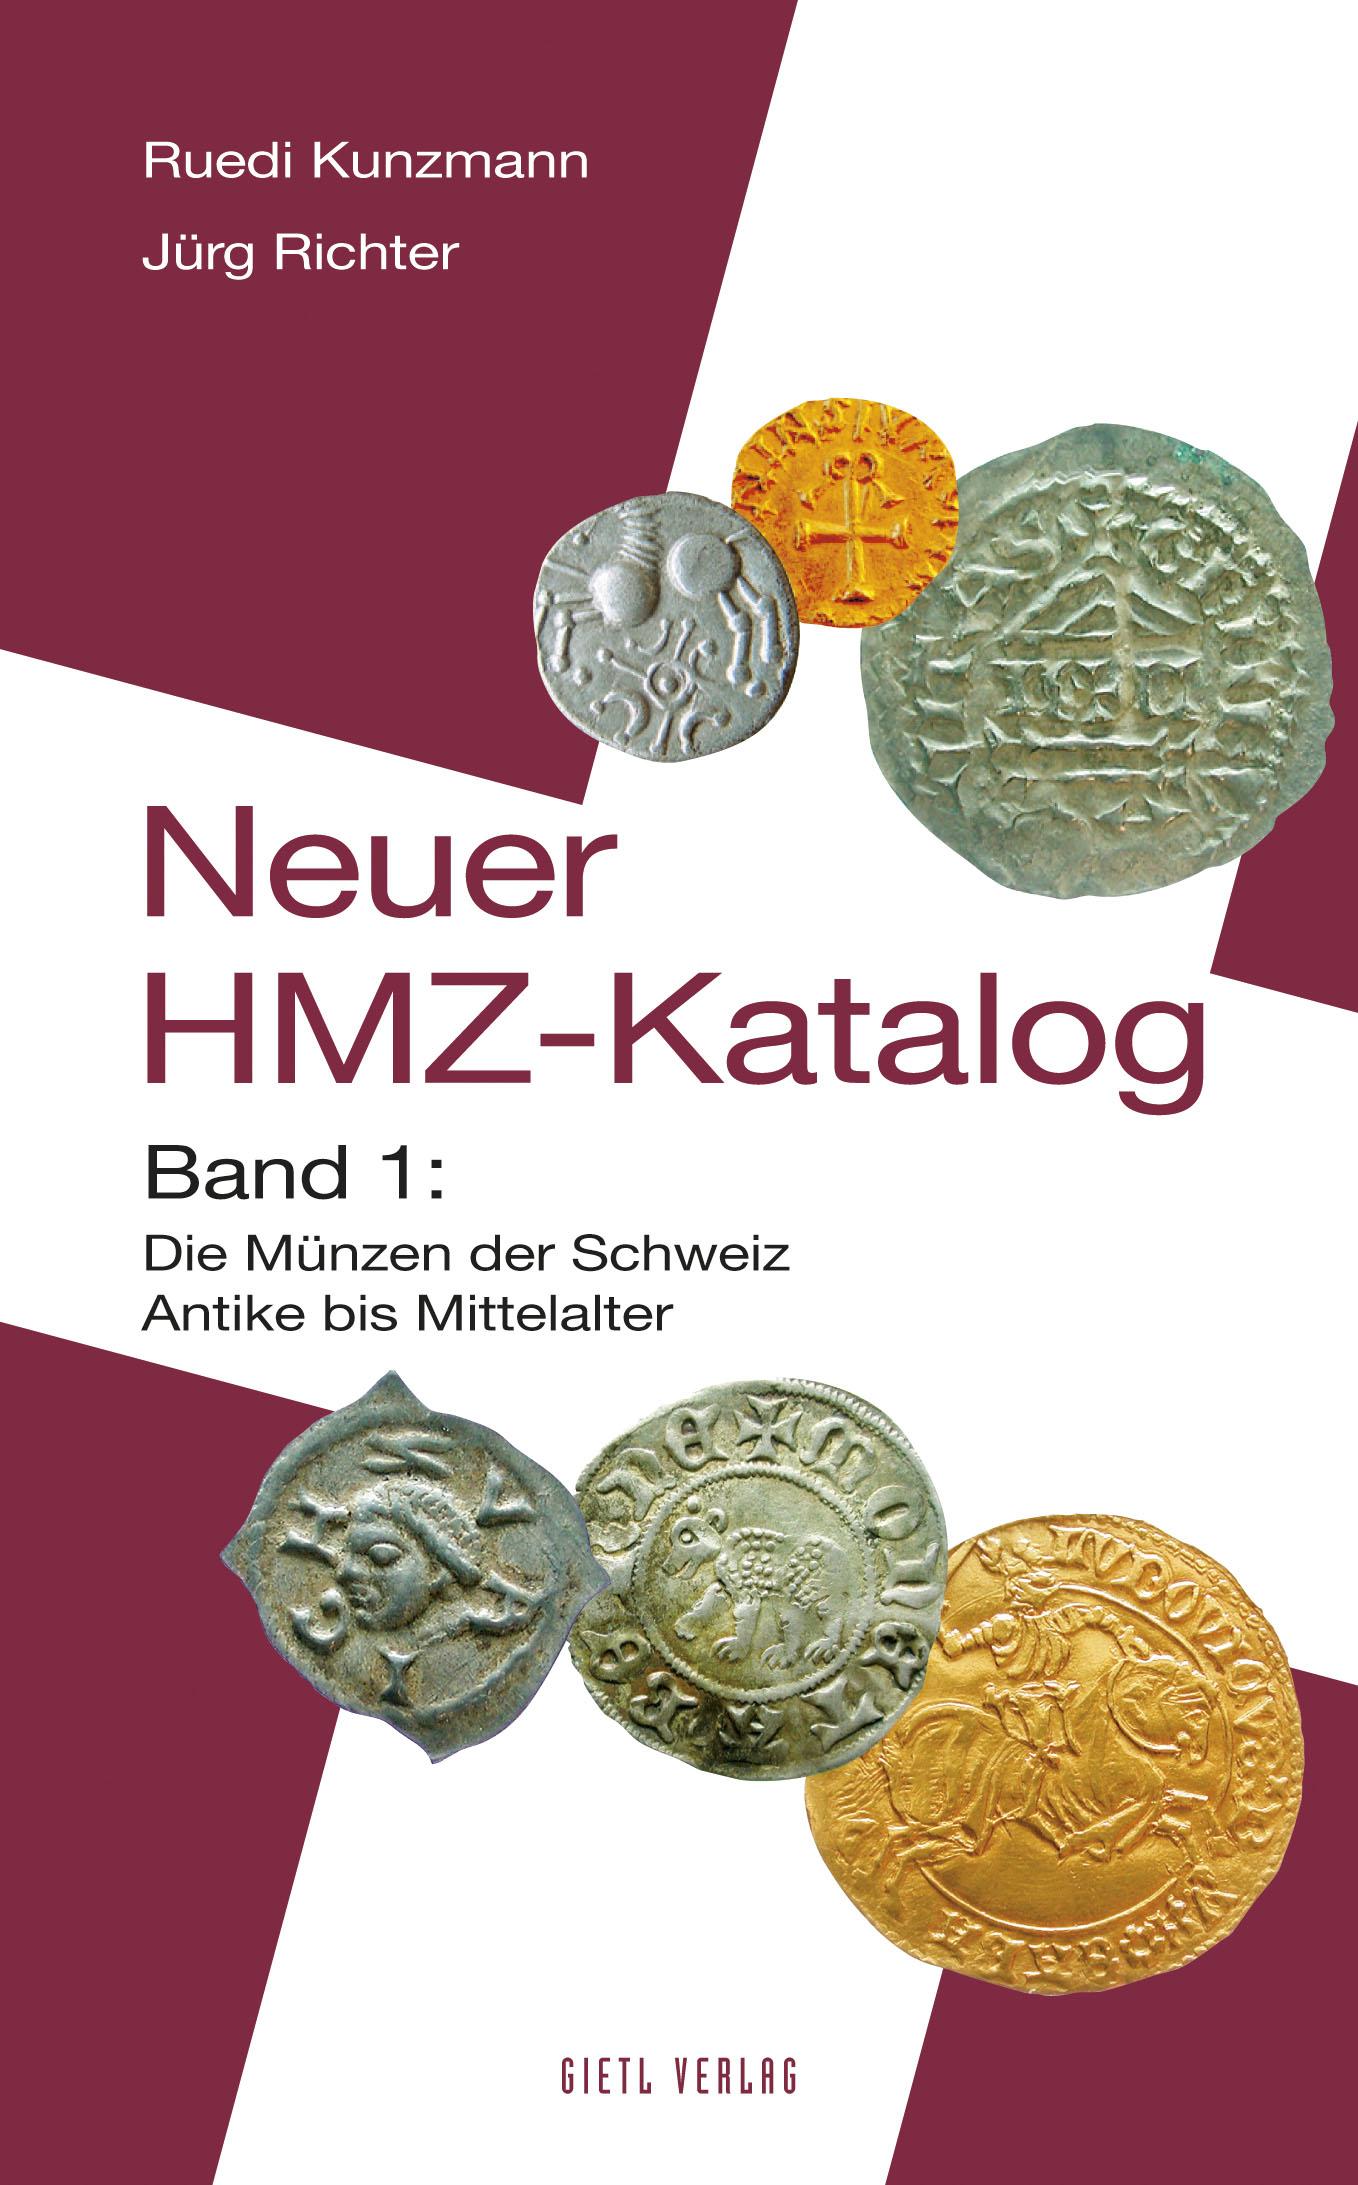 Philathek Verlagsauslieferung Für Sammlerkataloge Gietl